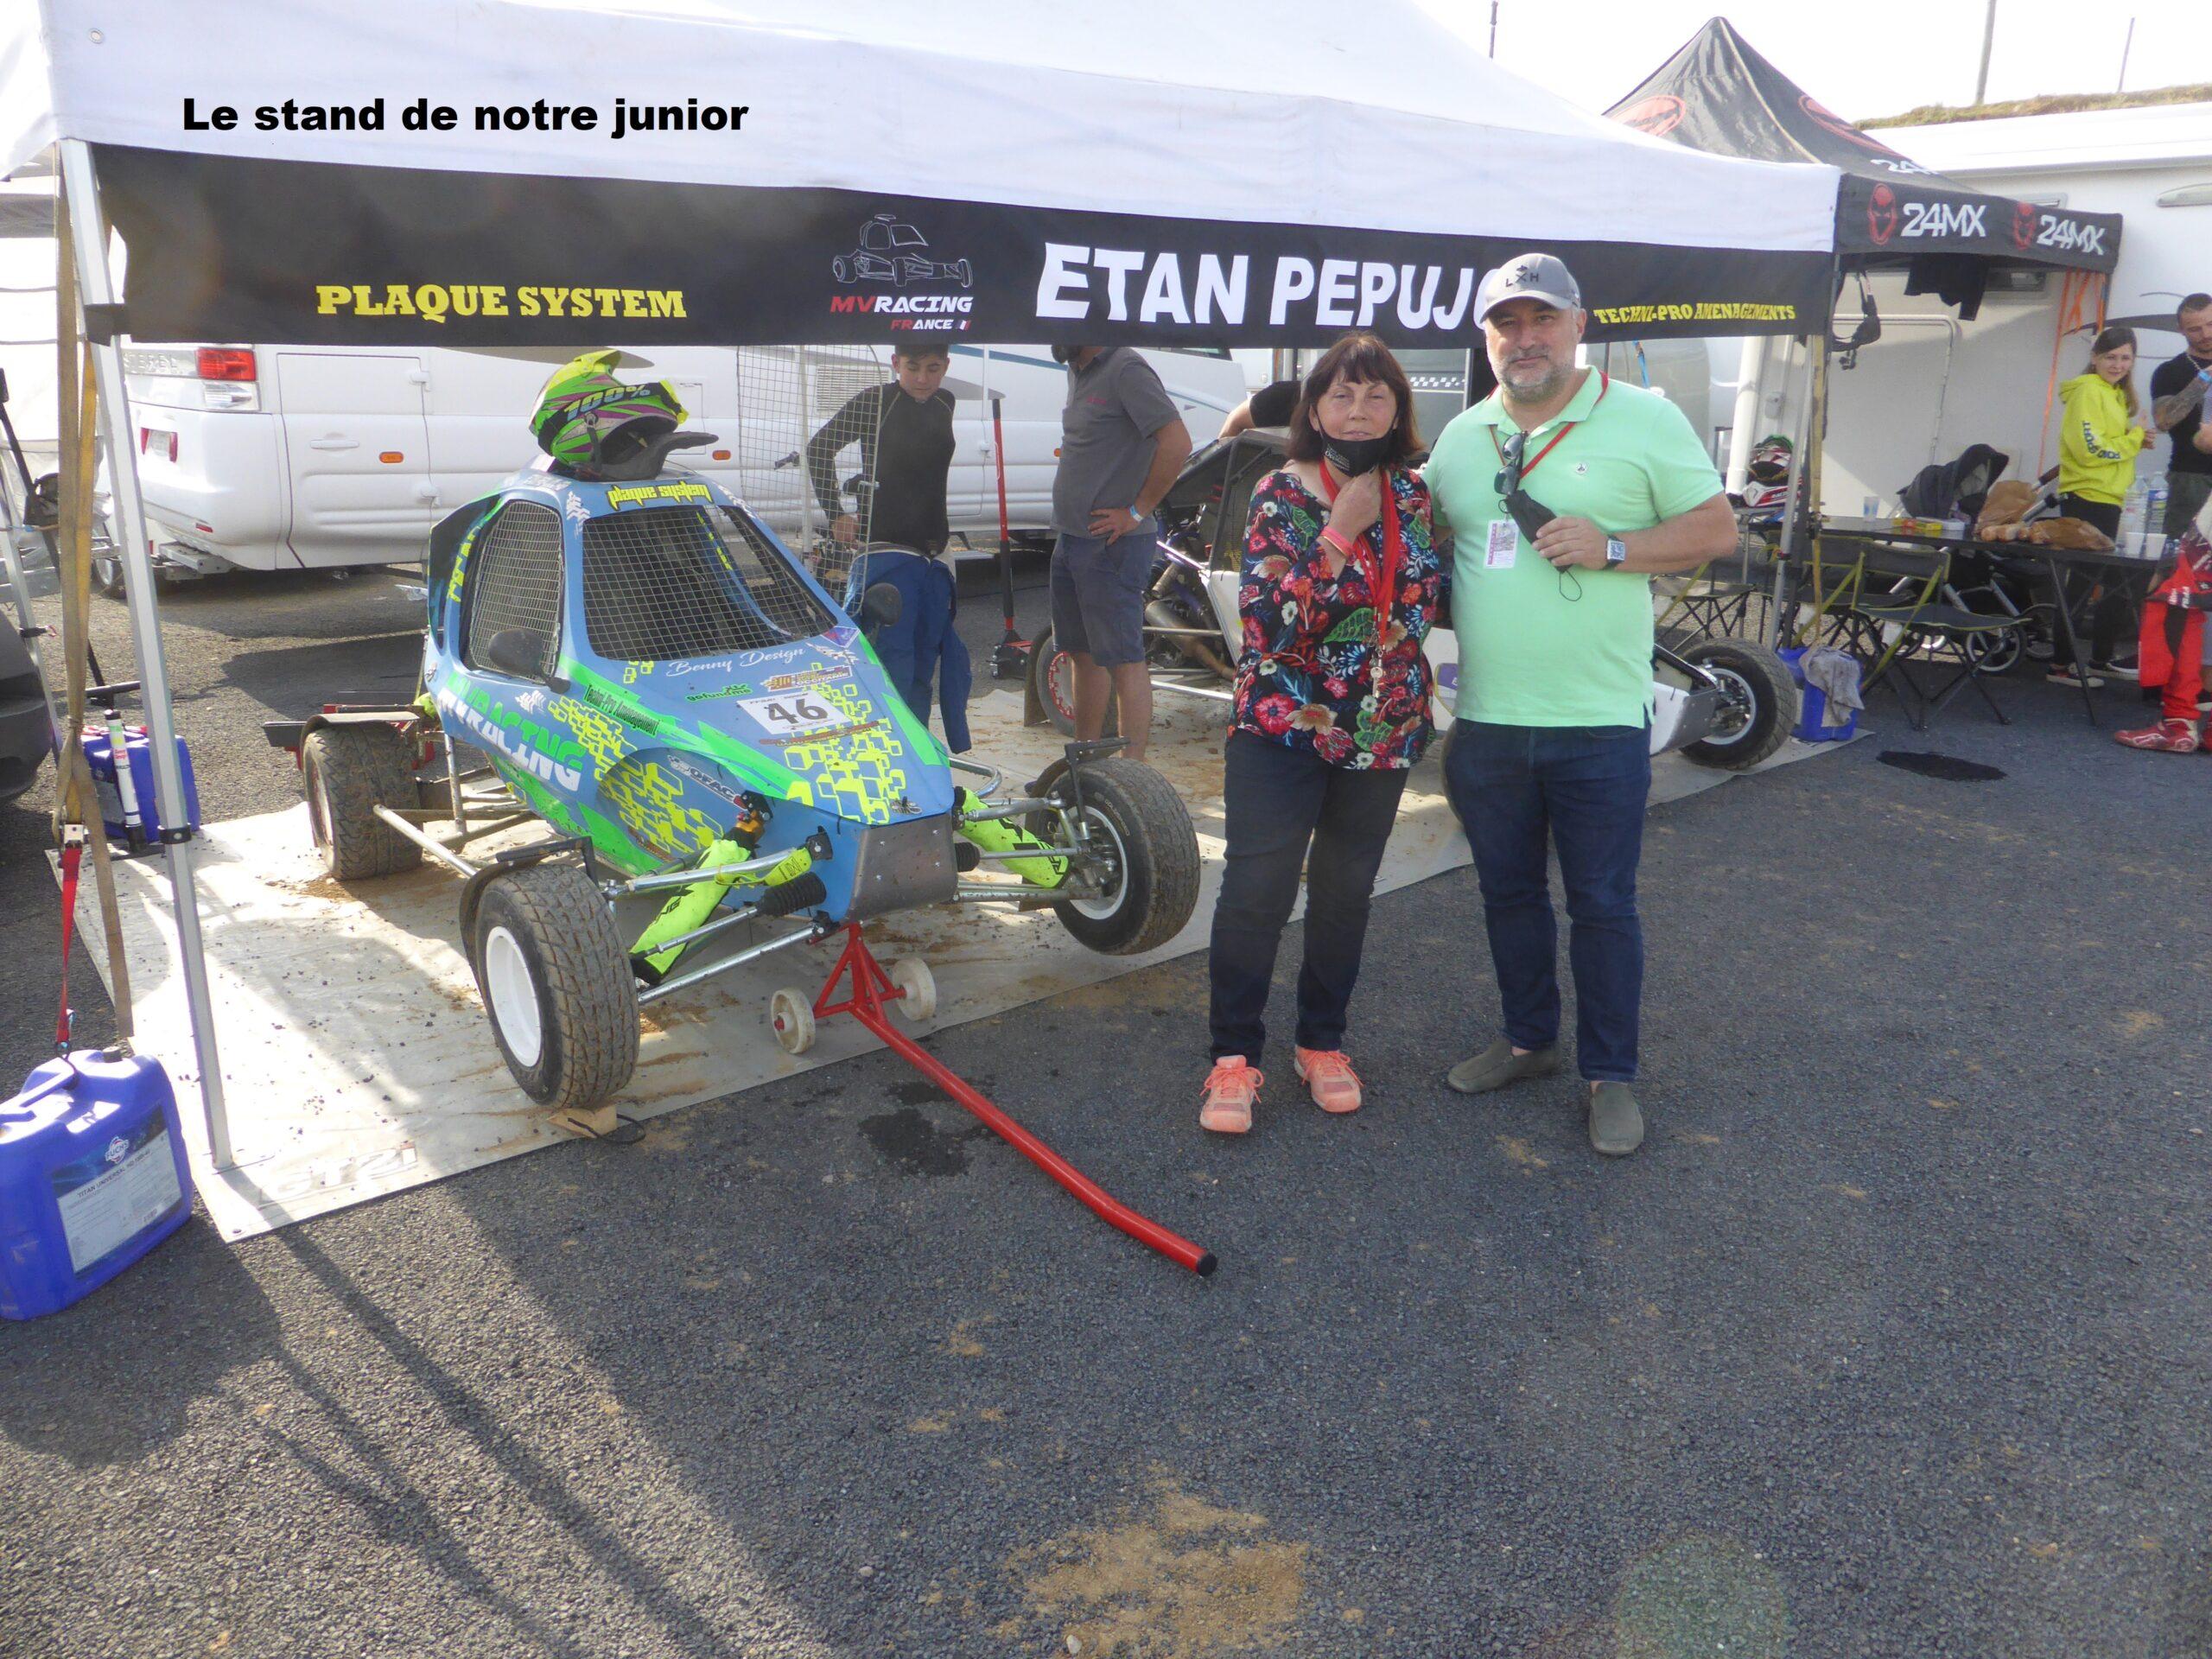 Championnat de France Auto-Cross 2021 ELNE